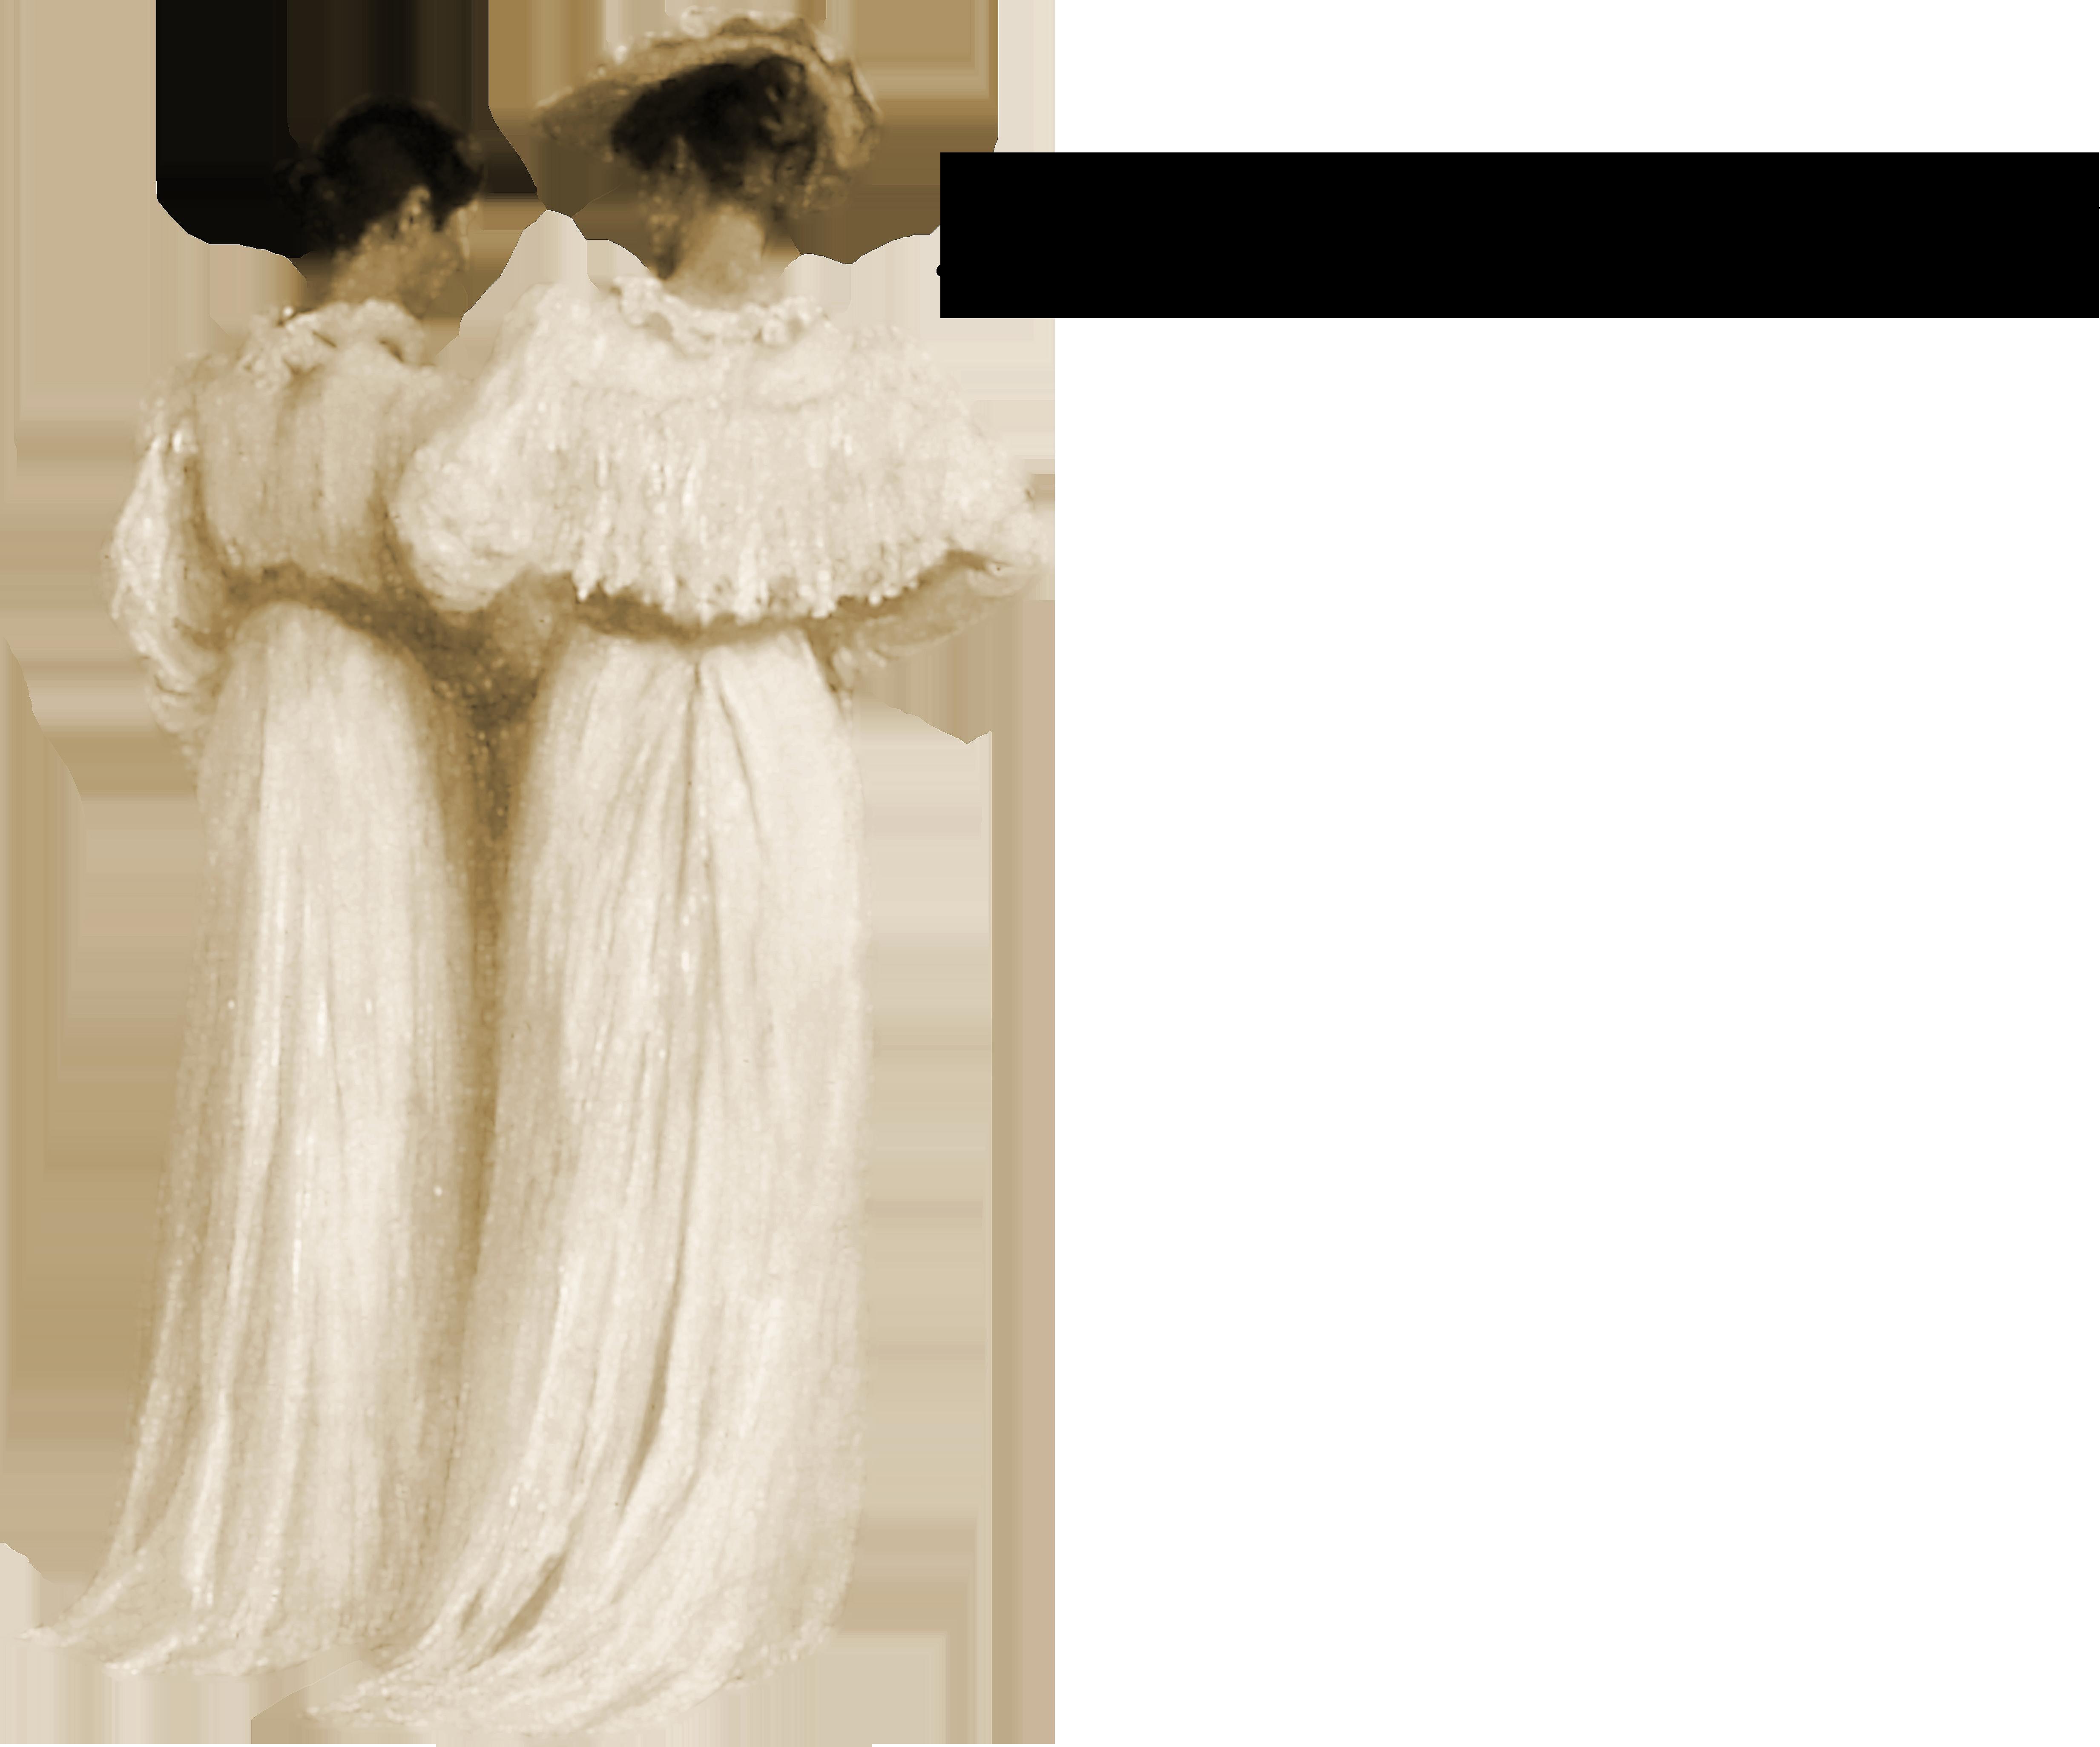 Instituut voor Vrouwelijke Kunstgeschiedenis